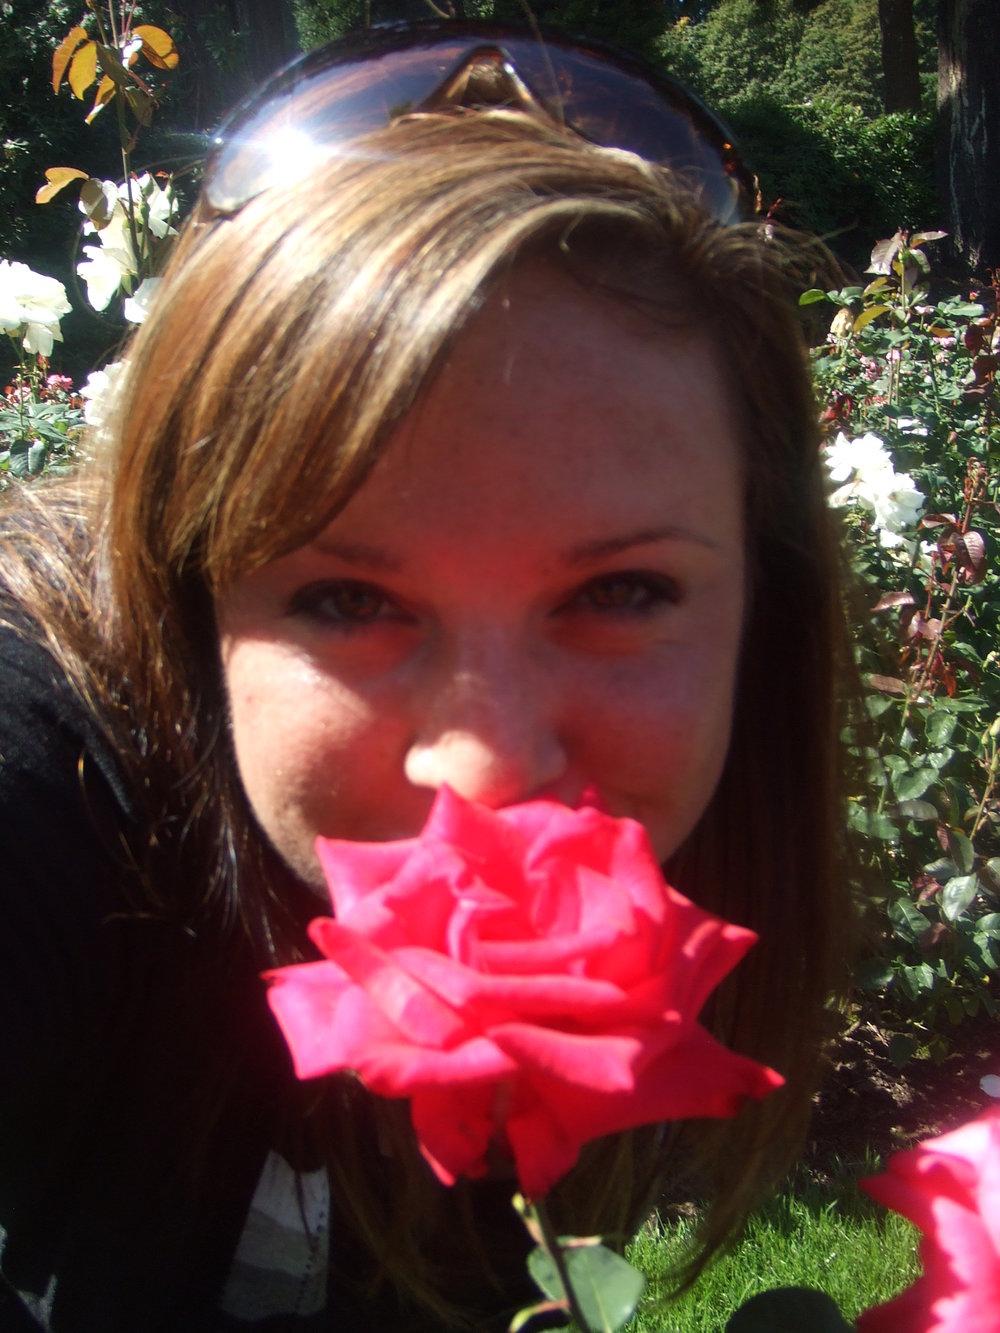 2009.8.26 Rose Garden 186 copy.JPG